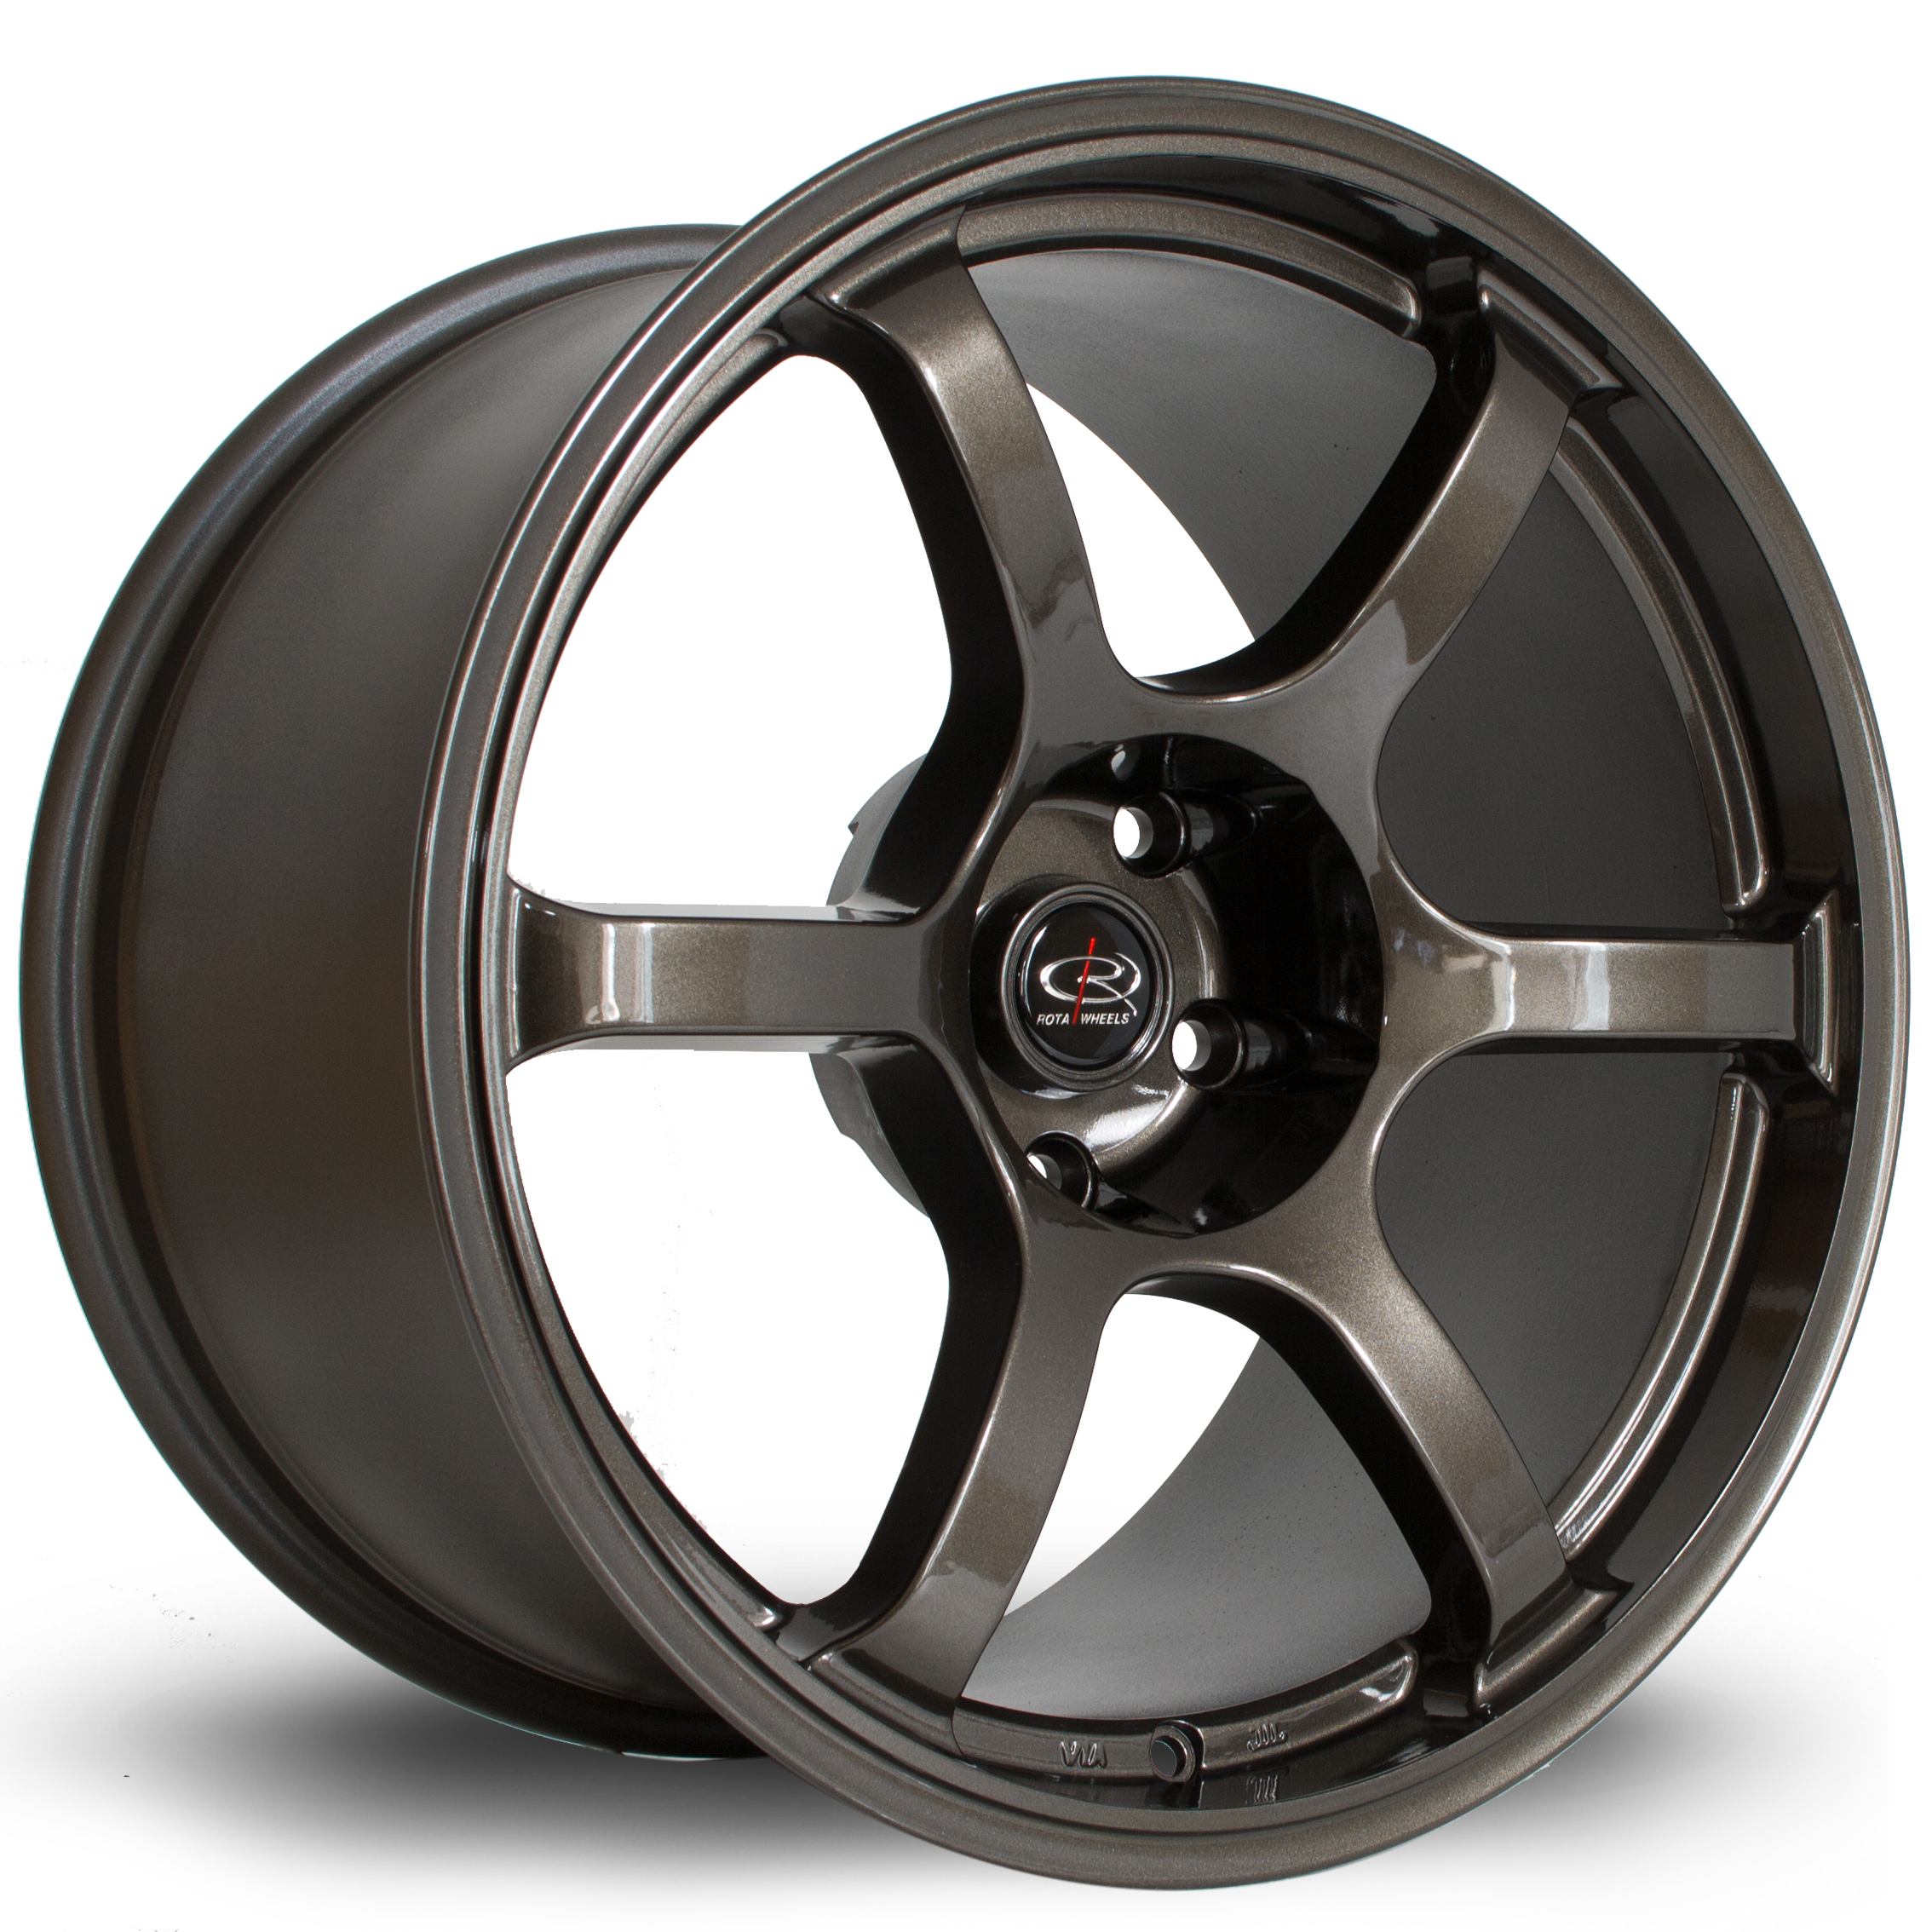 Rota Boost wheels